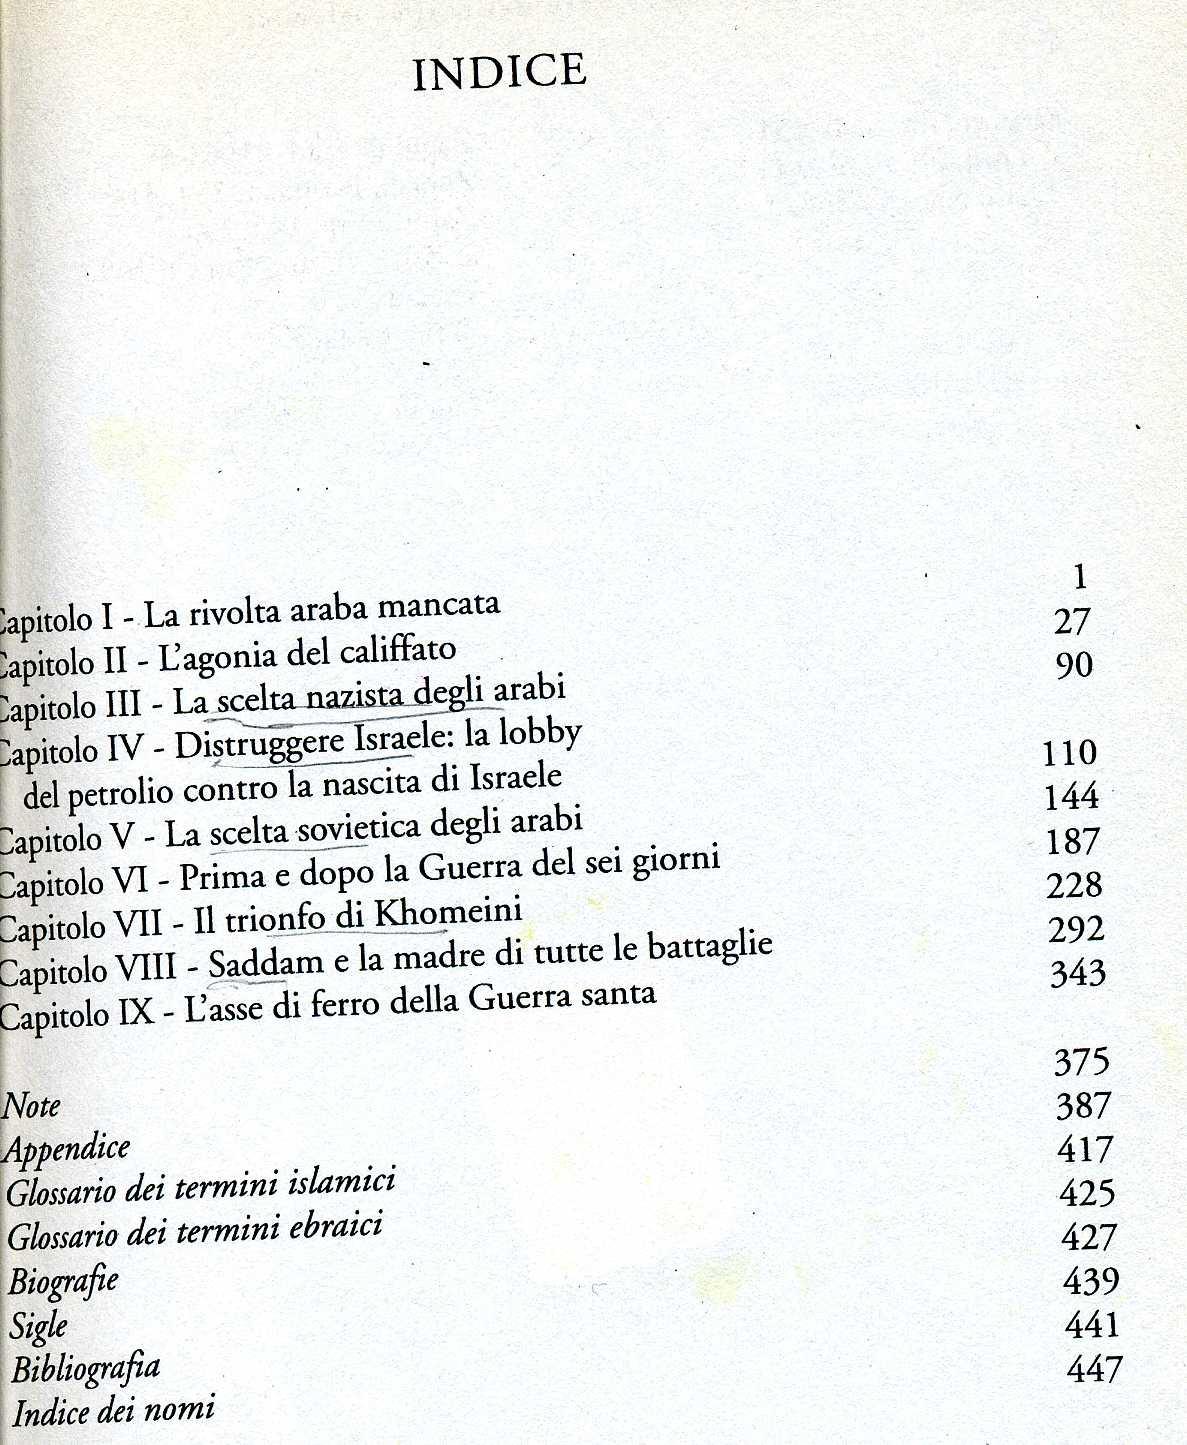 PANELLA2811